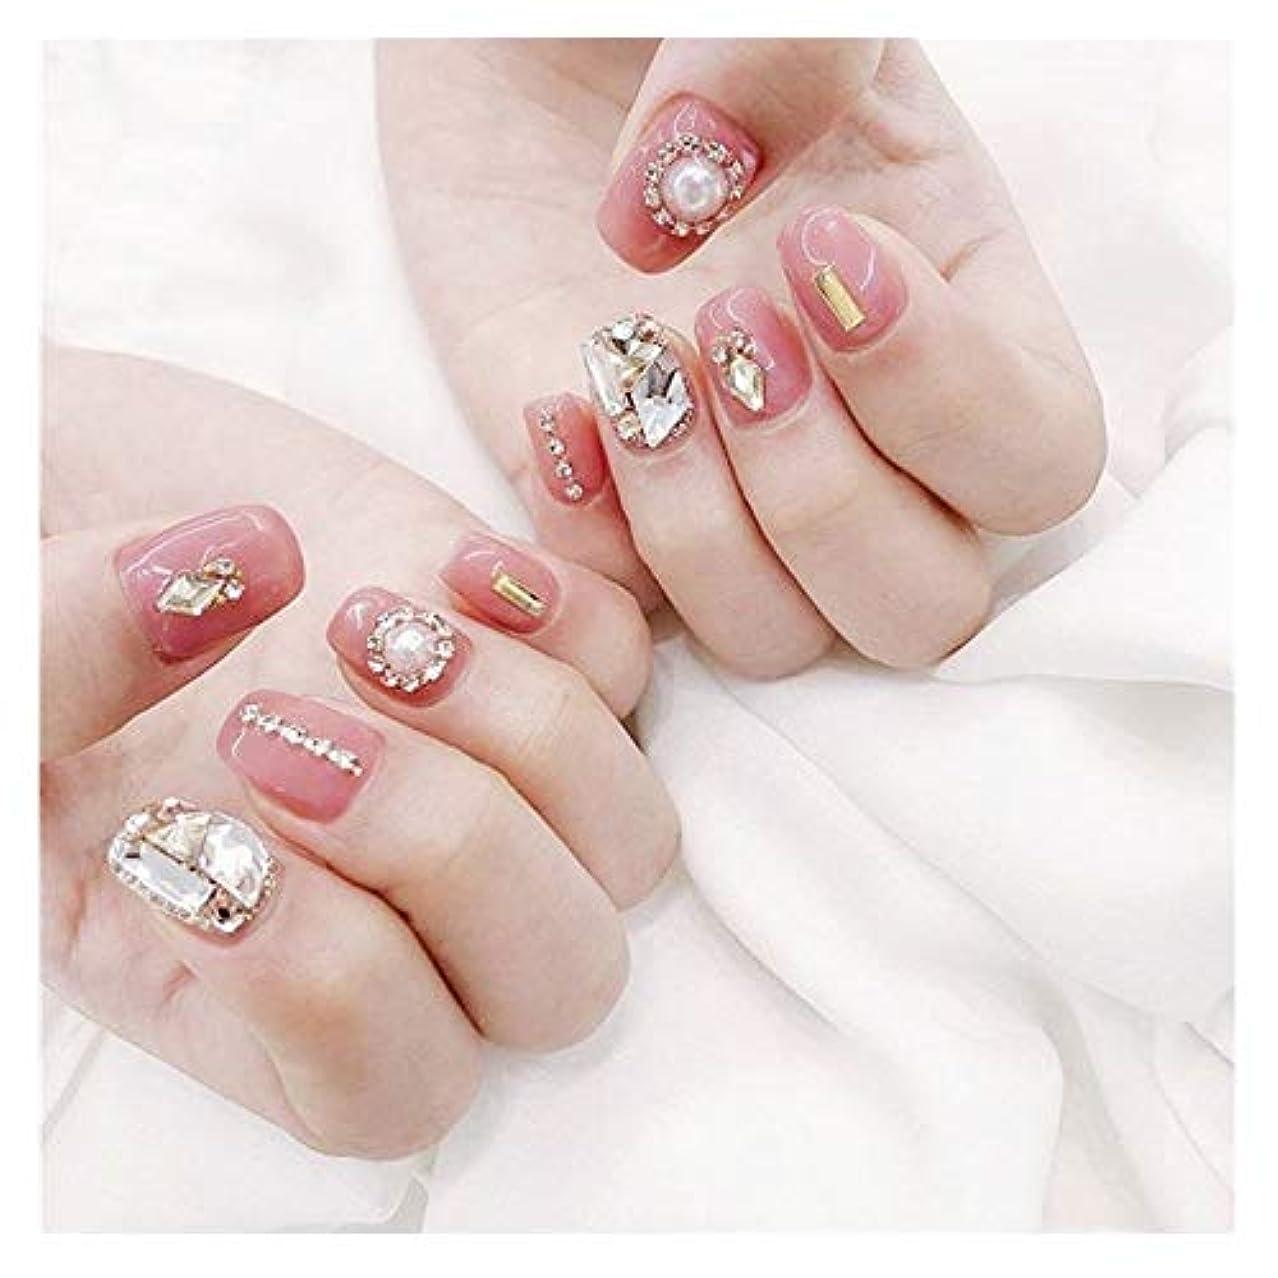 コールド薬用自発HOHYLLYA ダイヤモンドのり偽の爪ピンクのかわいい花嫁フォトスタジオ完成ネイル偽の釘 (色 : 24 pieces)